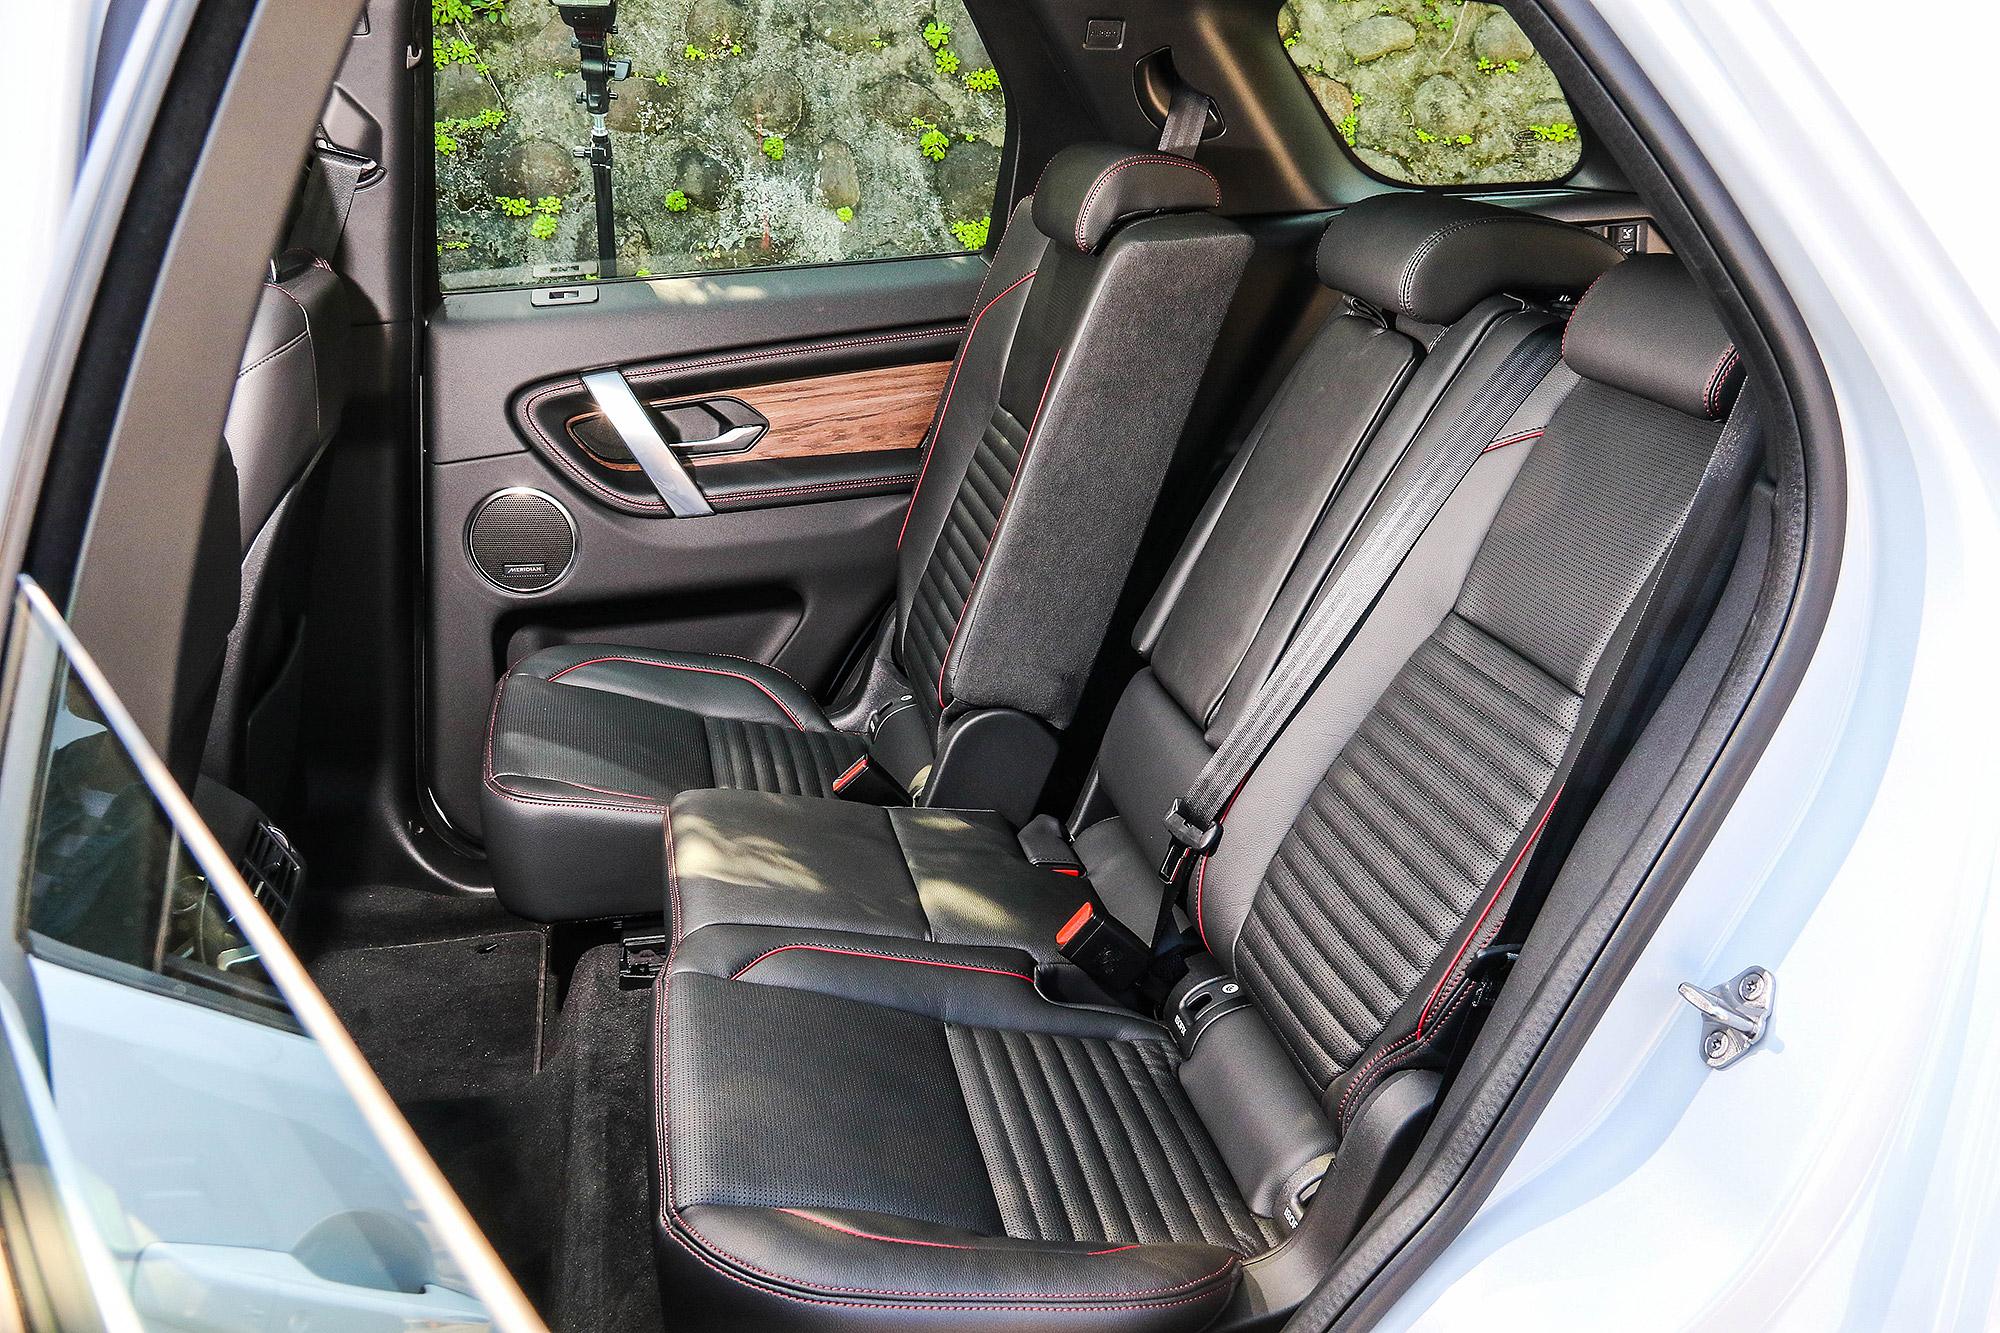 後座座椅具有前後滑移以及椅背角度可調功能,並提供第三排座椅作為選配。